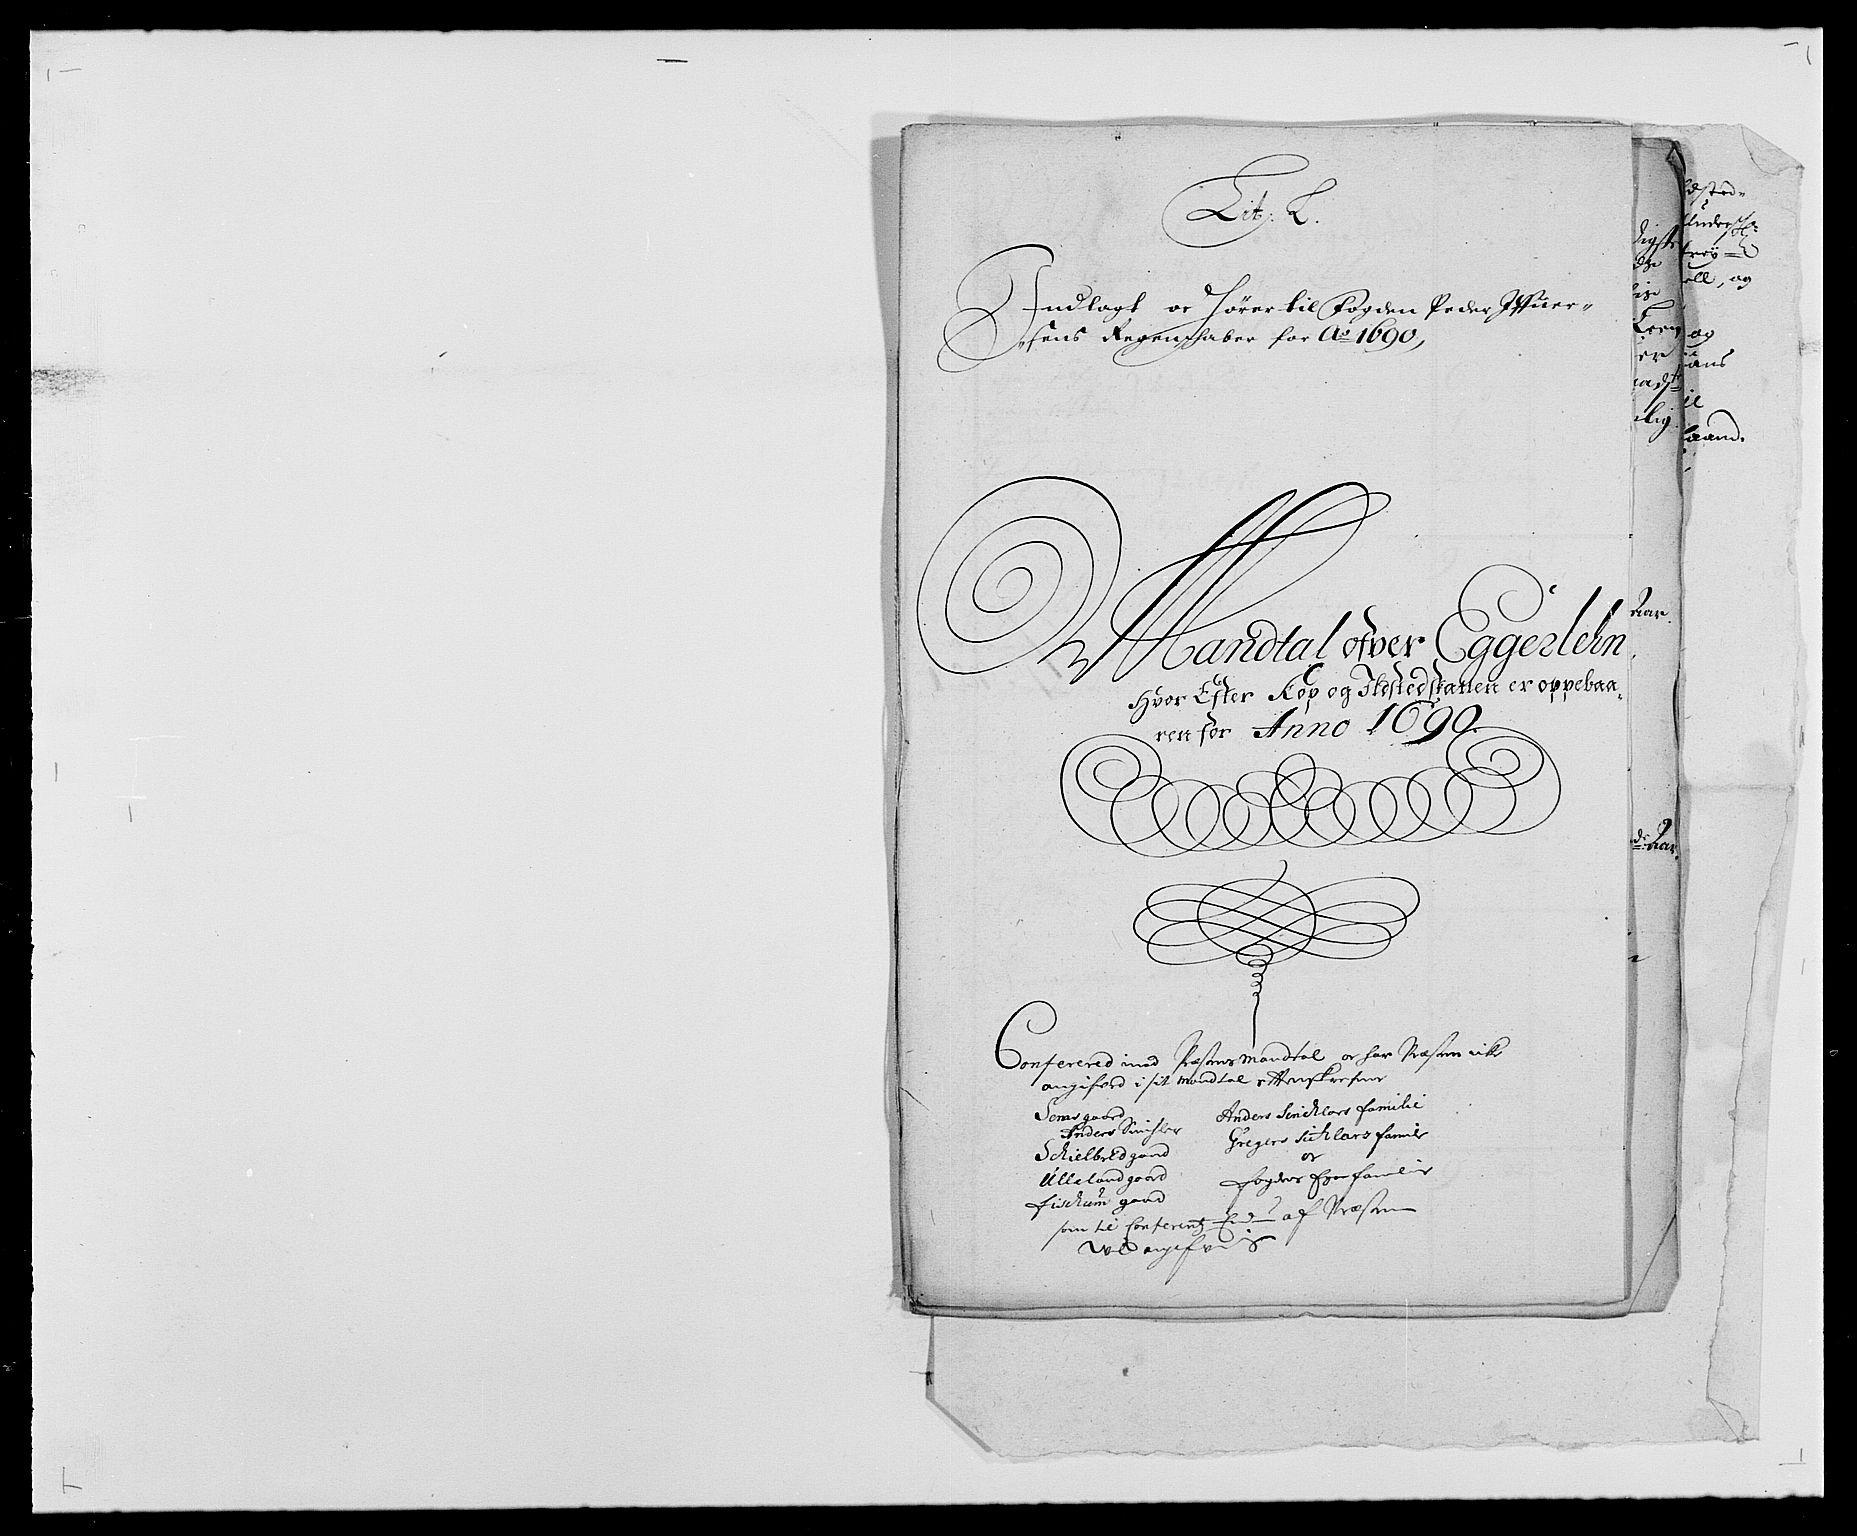 RA, Rentekammeret inntil 1814, Reviderte regnskaper, Fogderegnskap, R28/L1689: Fogderegnskap Eiker og Lier, 1690-1691, s. 112